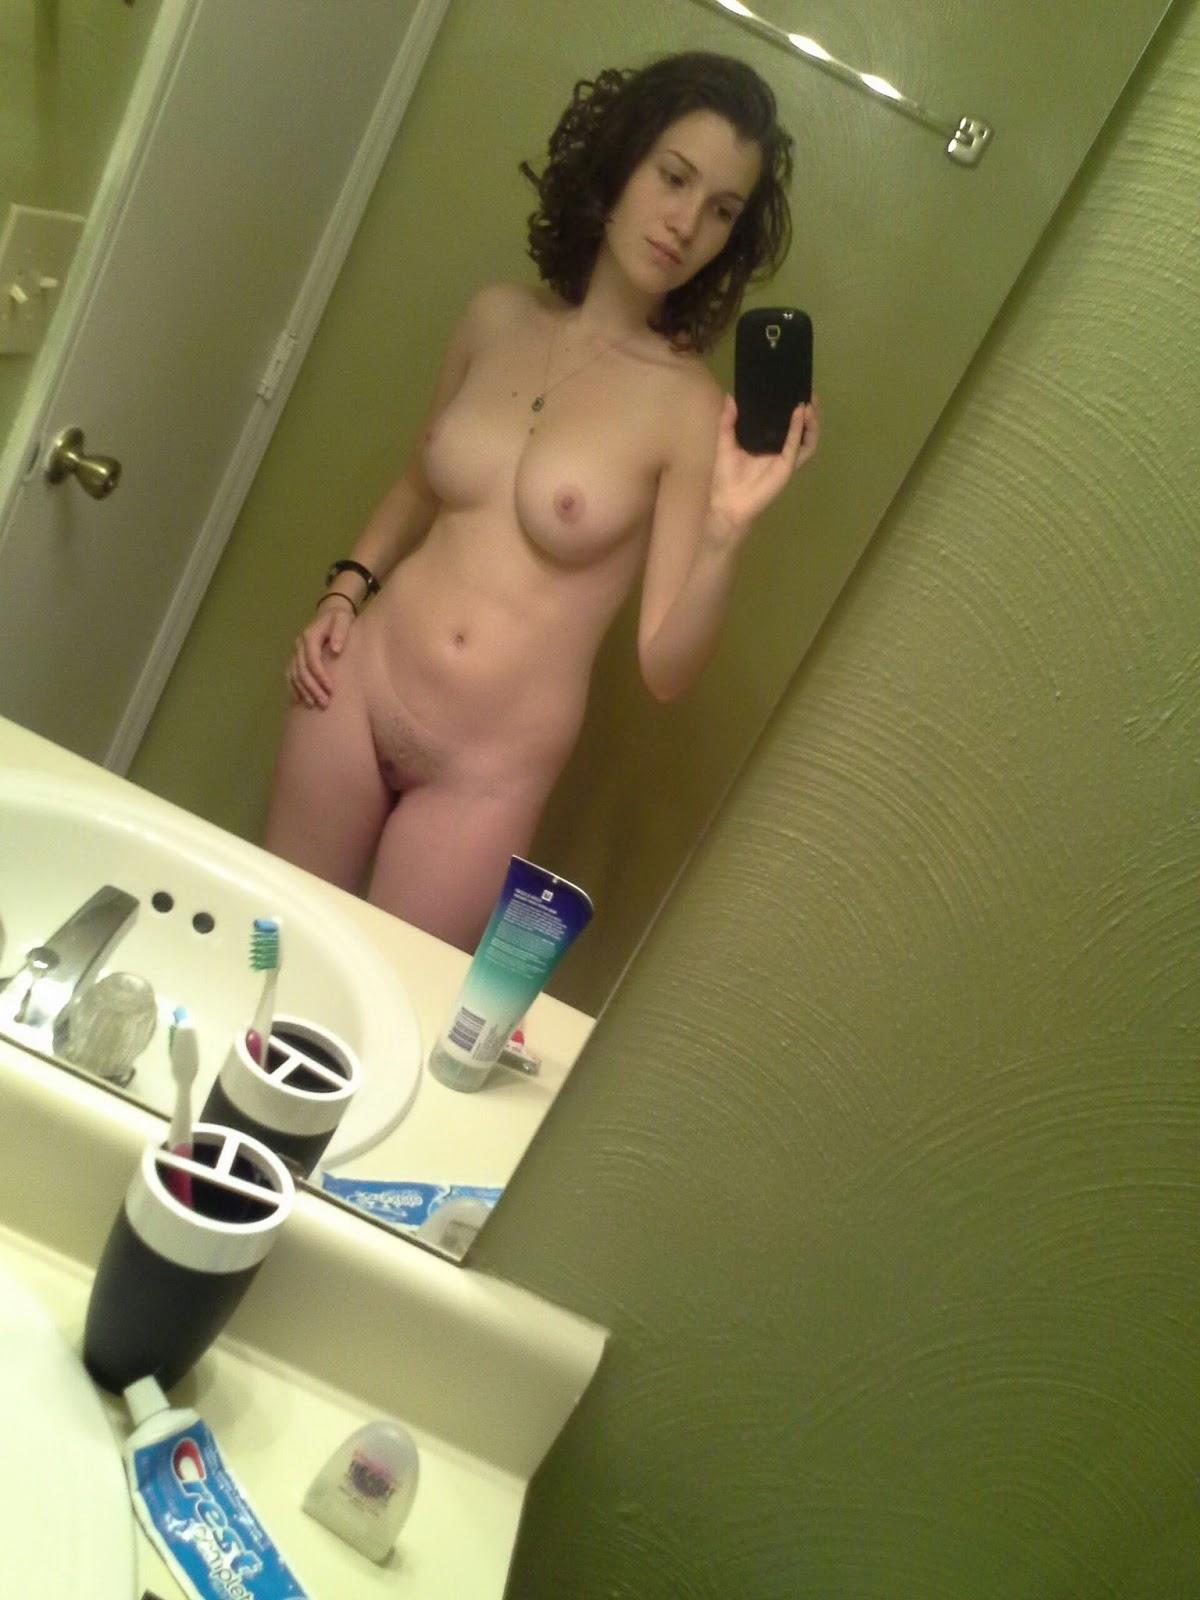 субботам эта съемки веб камерой голых девушек положил джакузи